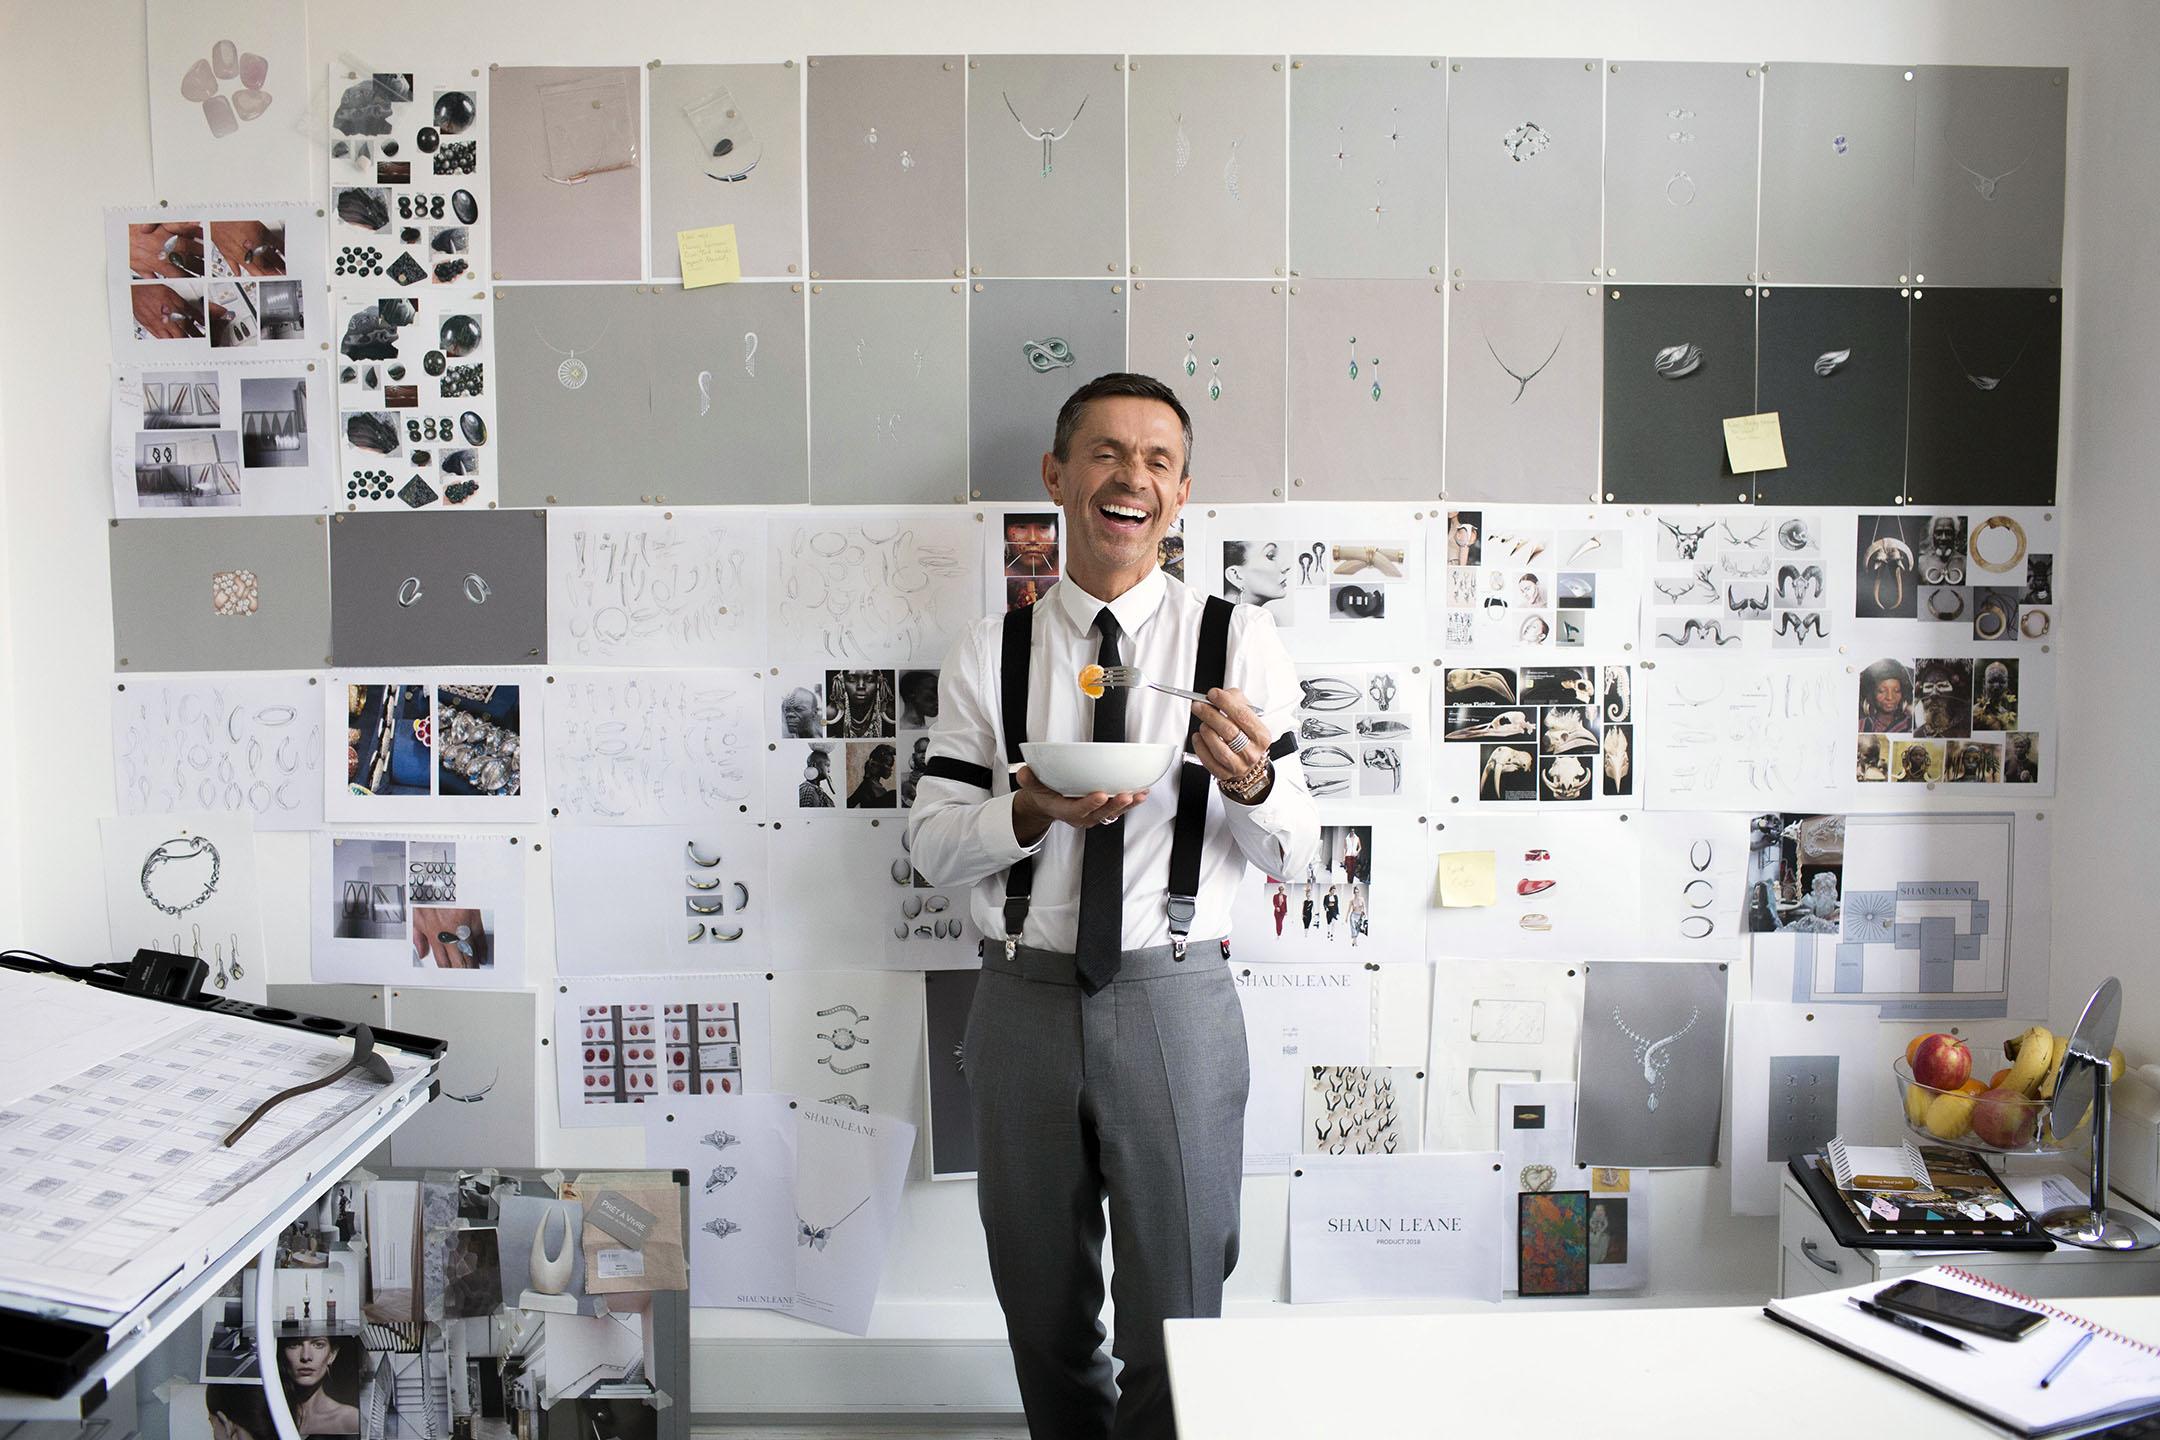 Designer Shaun Leane for The New York Times